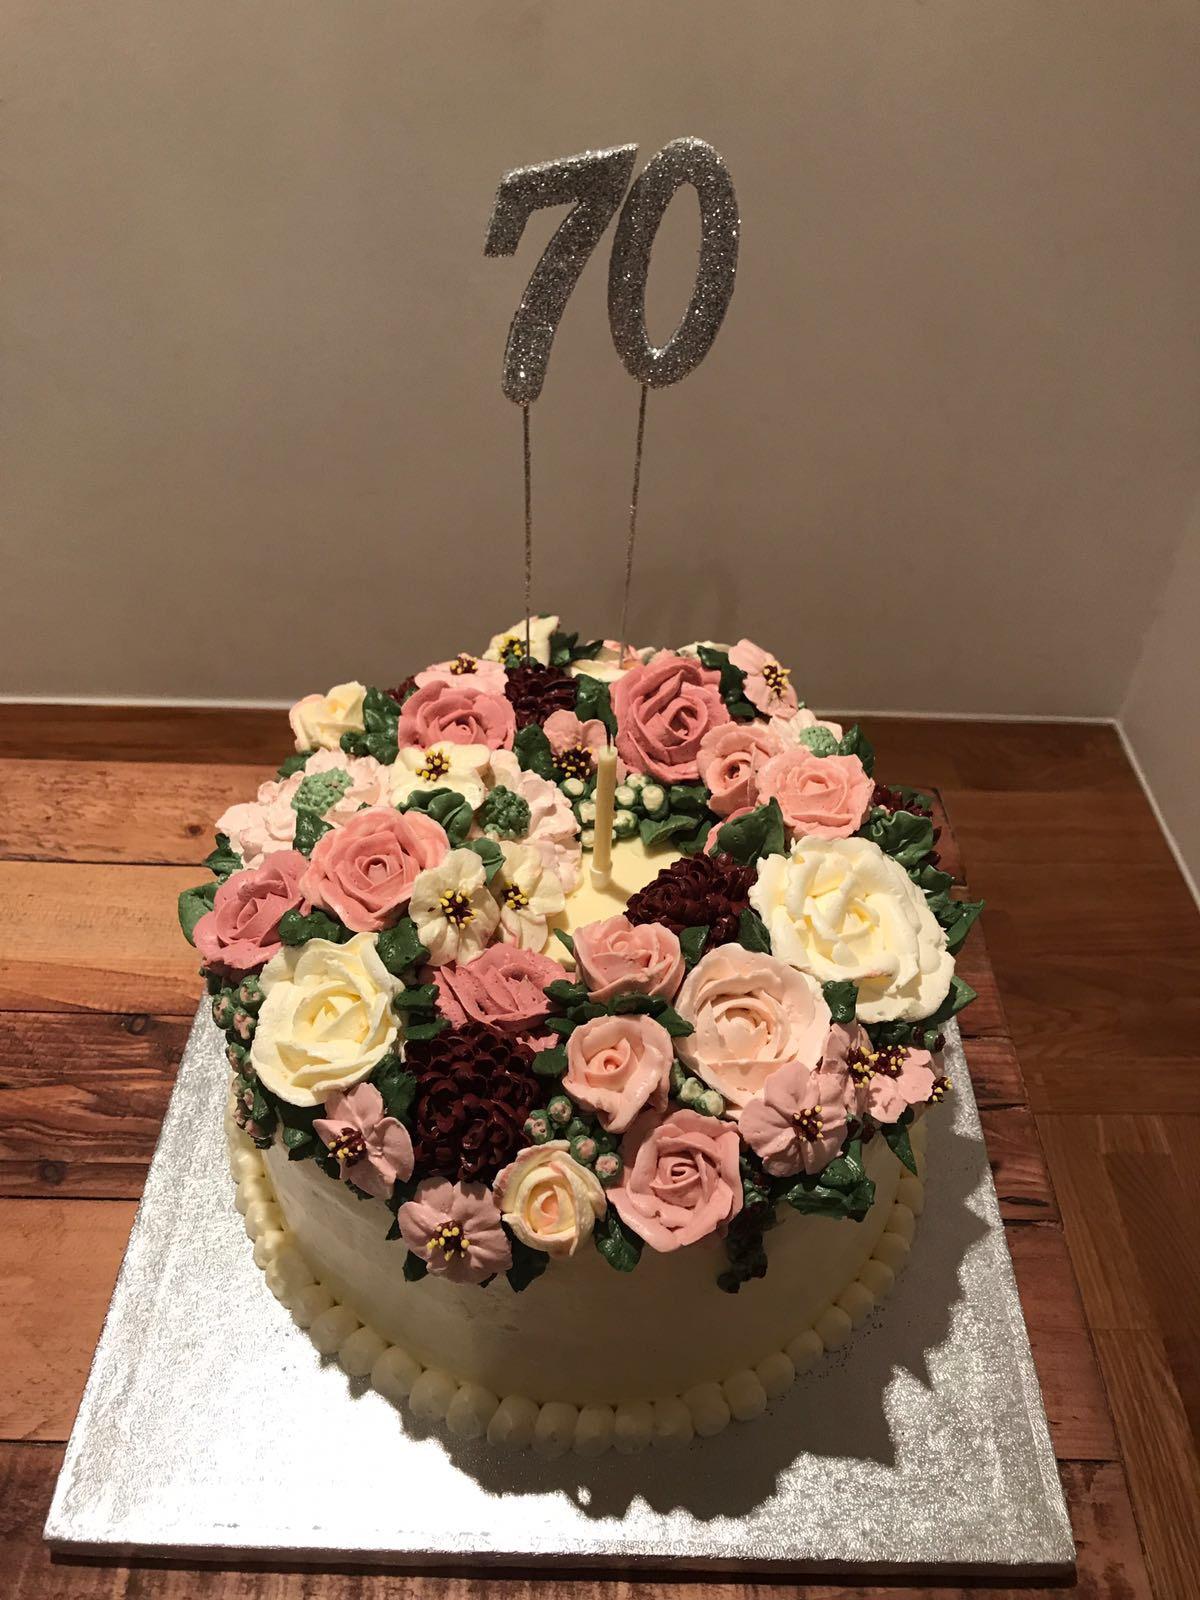 Strange Rachels Cake Blog Flower Cake For My Mom Funny Birthday Cards Online Hetedamsfinfo